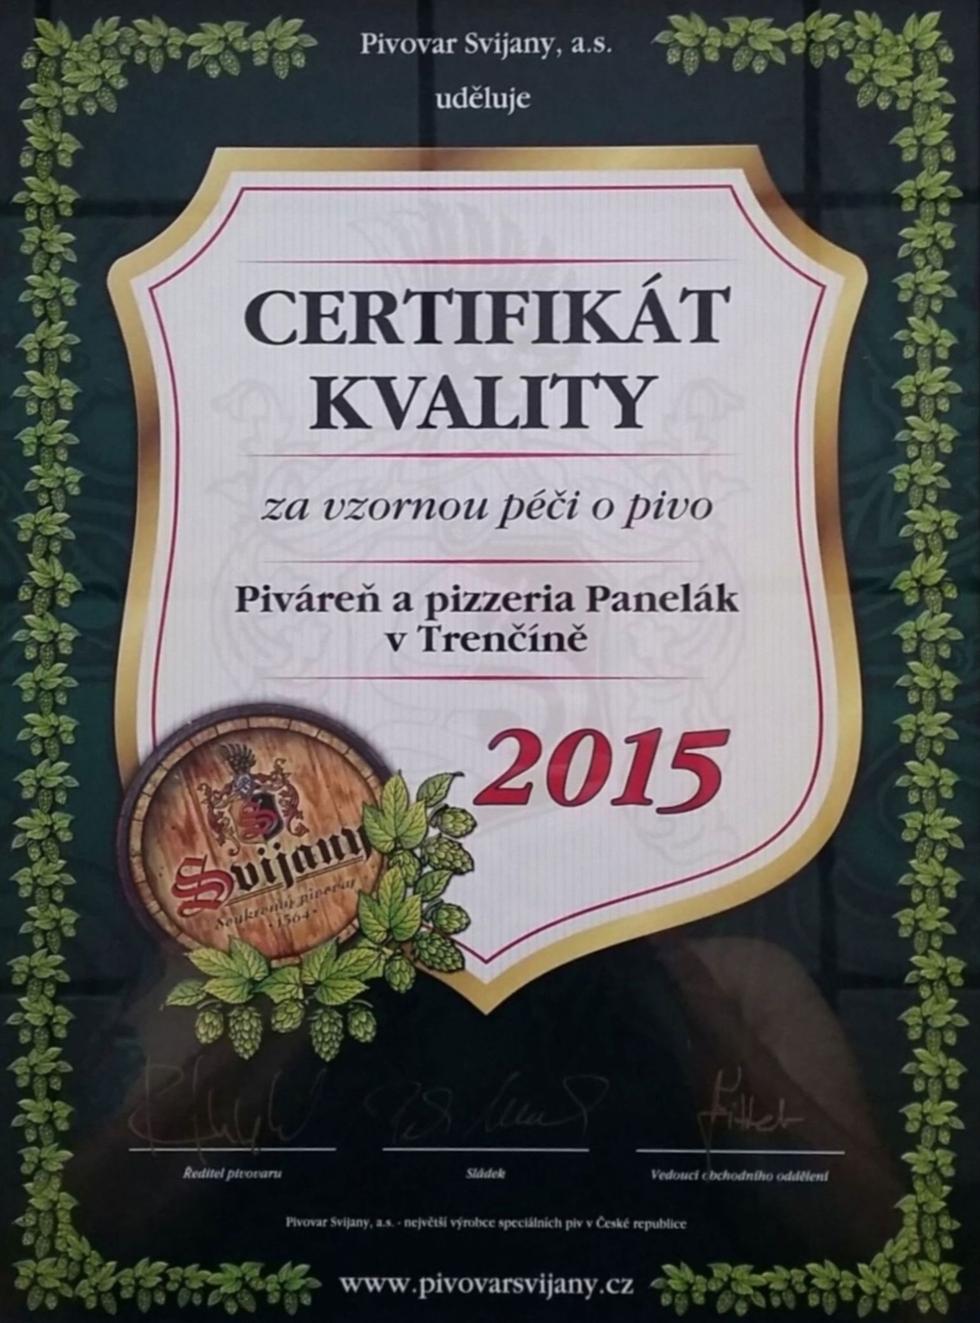 Získali sme certifikát kvality piva